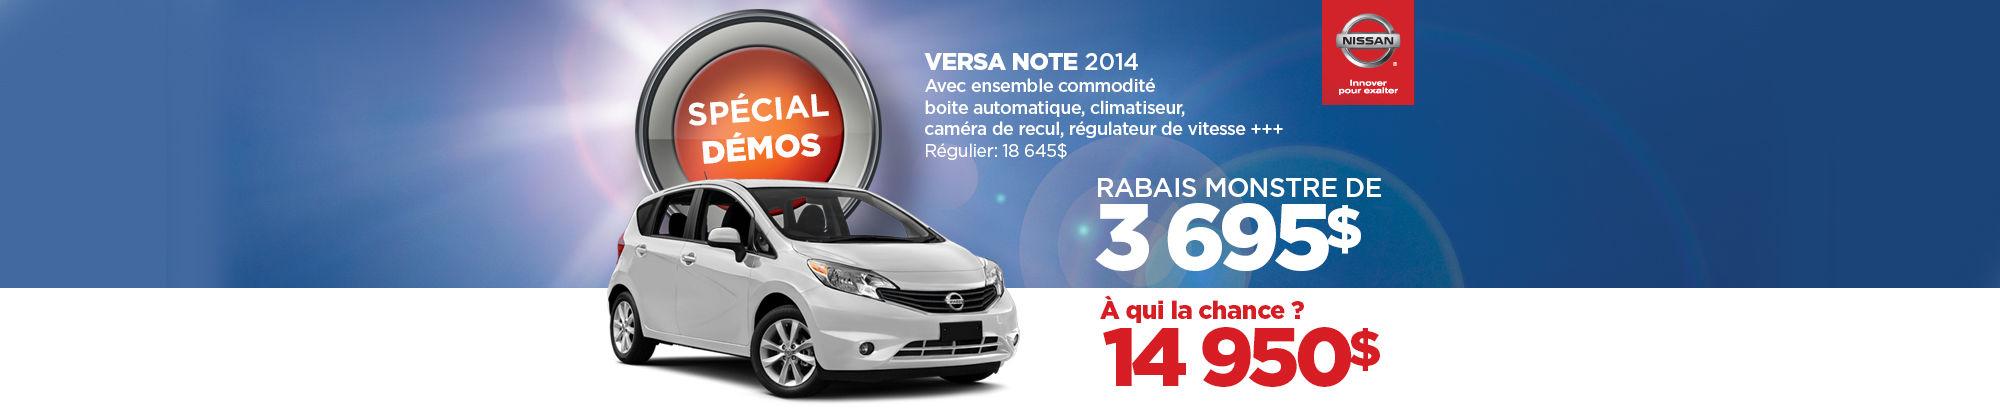 La Nissan Versa Note démo 2014 à seulement 14 950$ (Copie)